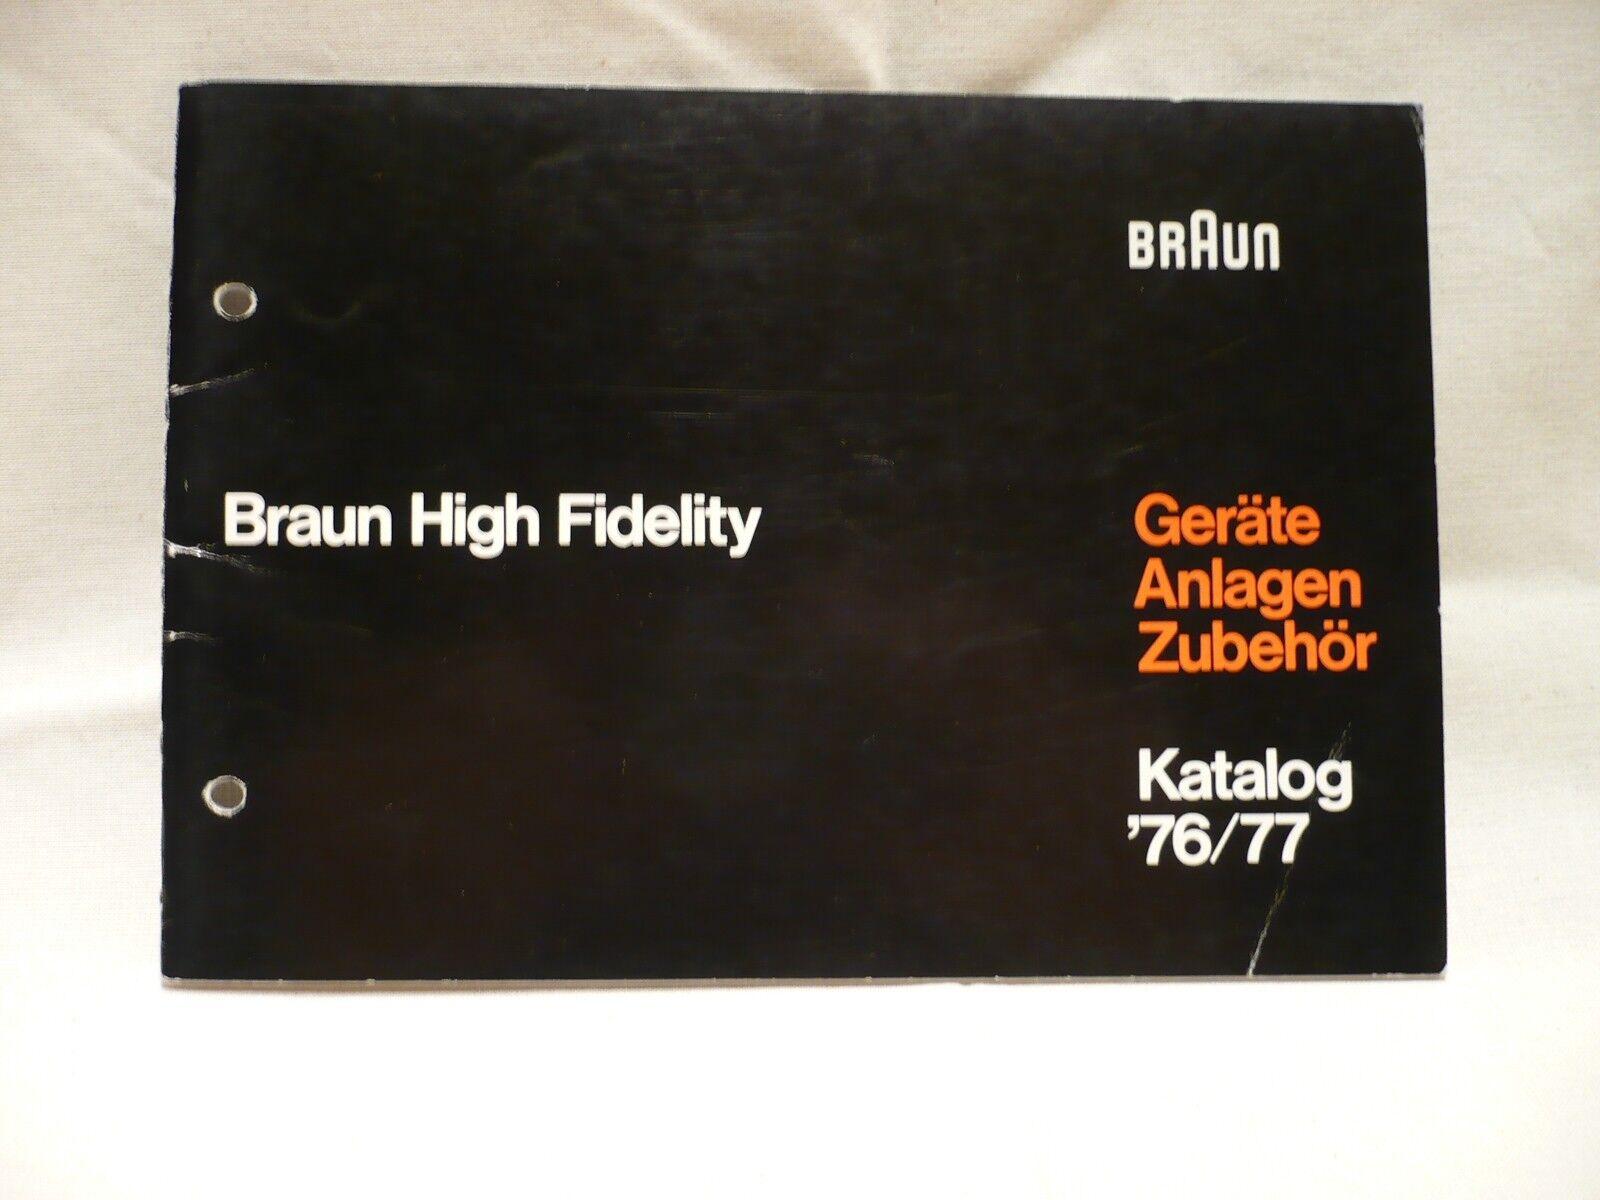 Braun Katalog 76 / 77 Geräte Anlagen Zubehör